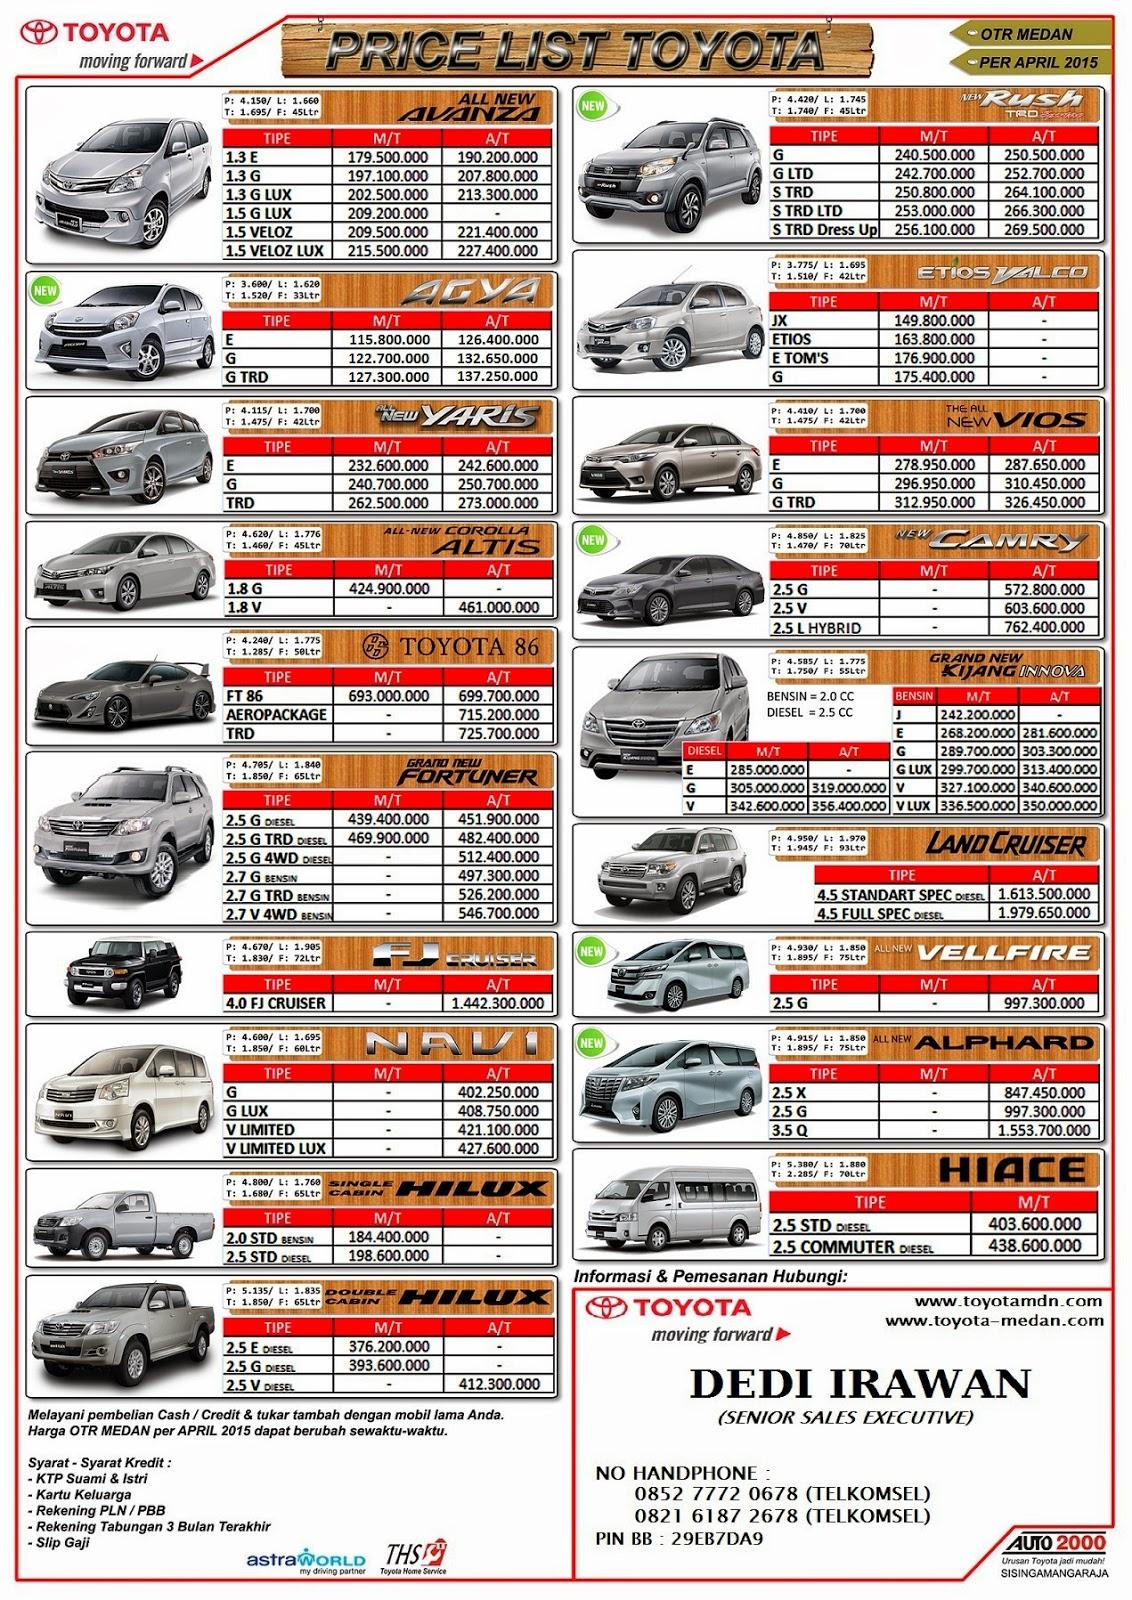 Harga Grand New Avanza Otr Medan All Toyota Altis 2018 Terbaru Promo Di